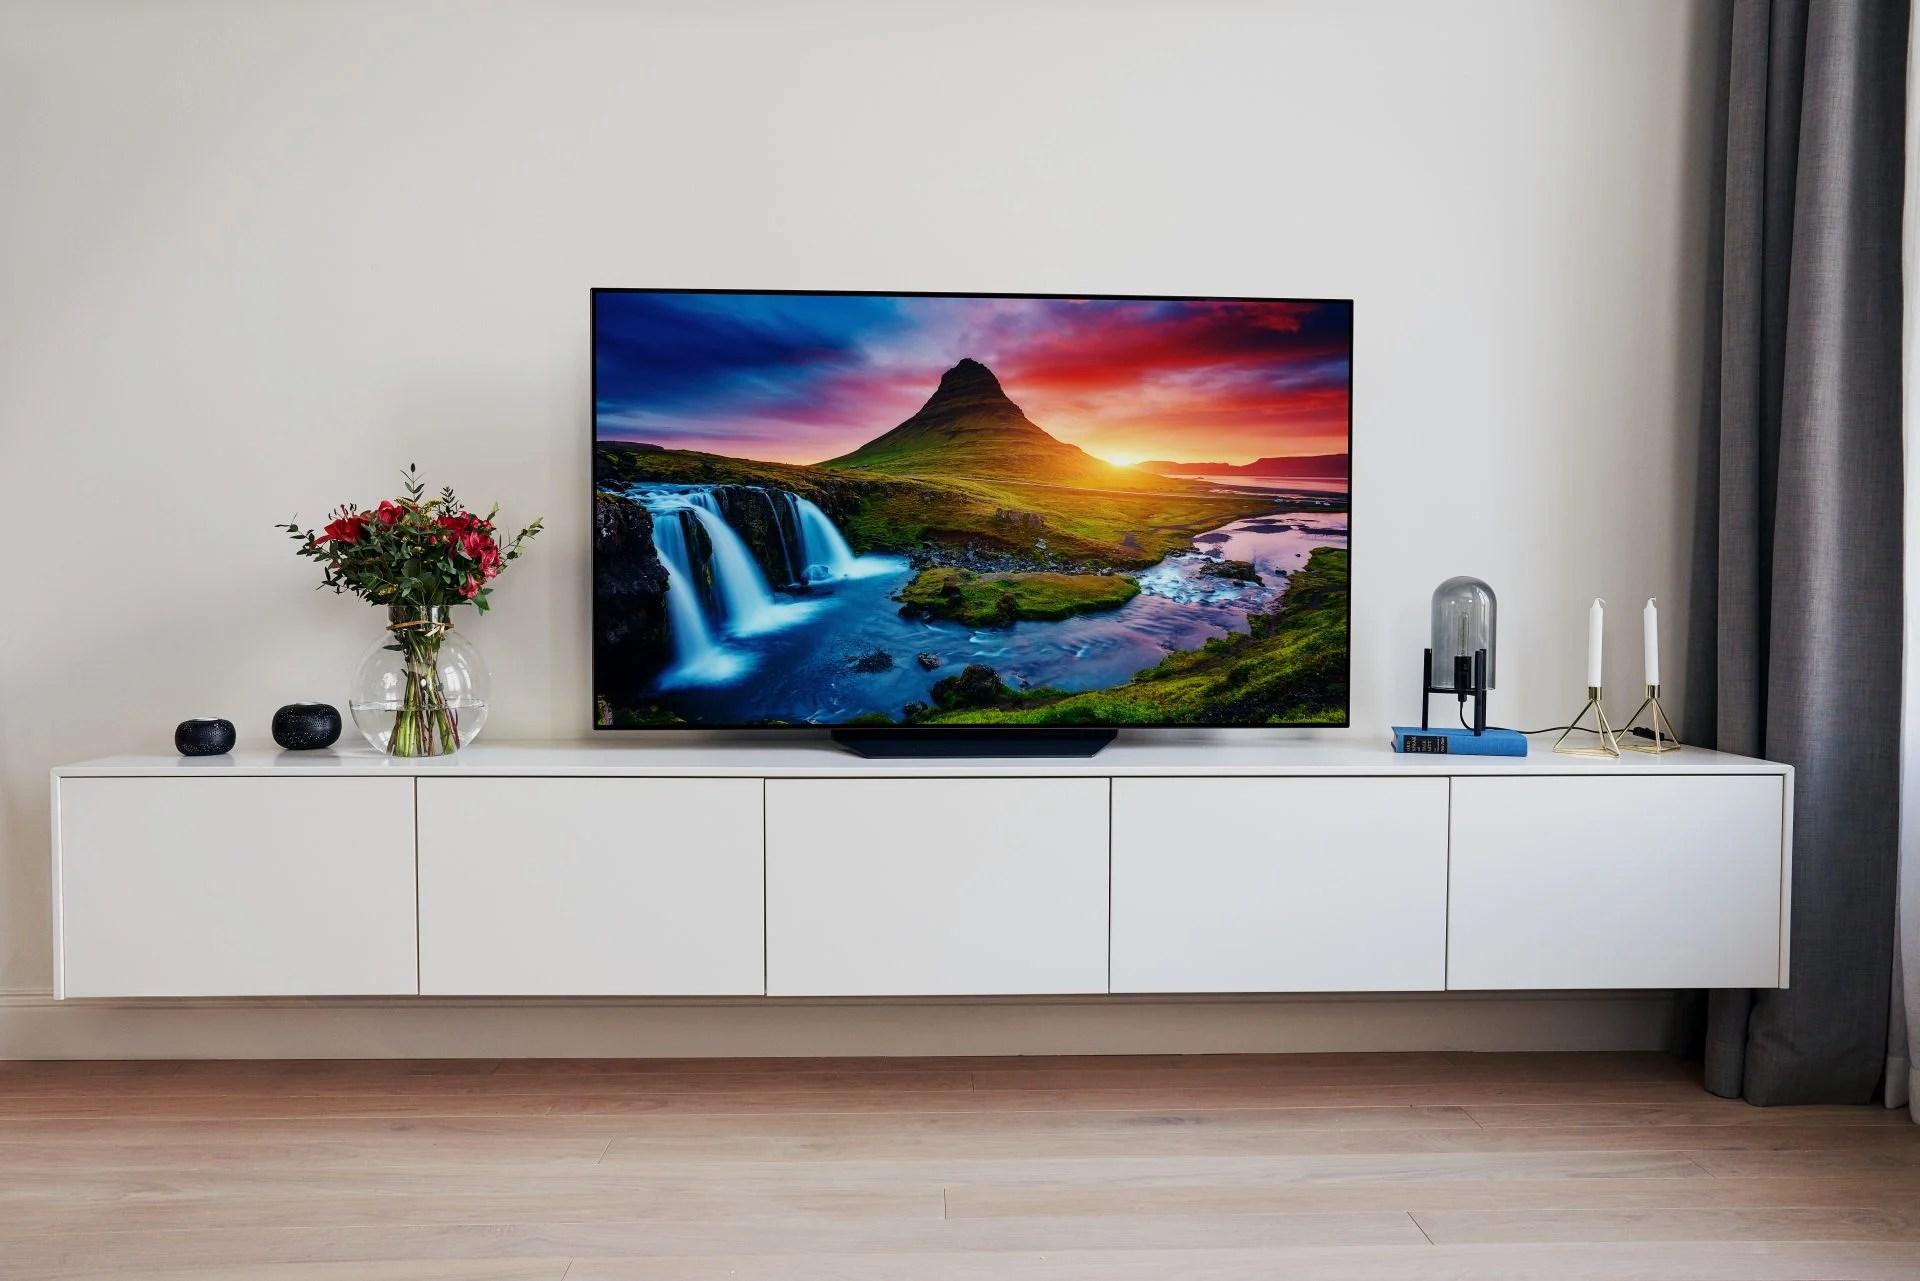 Quelles sont les meilleures TV 4K HDR de 55 pouces en 2020 ?